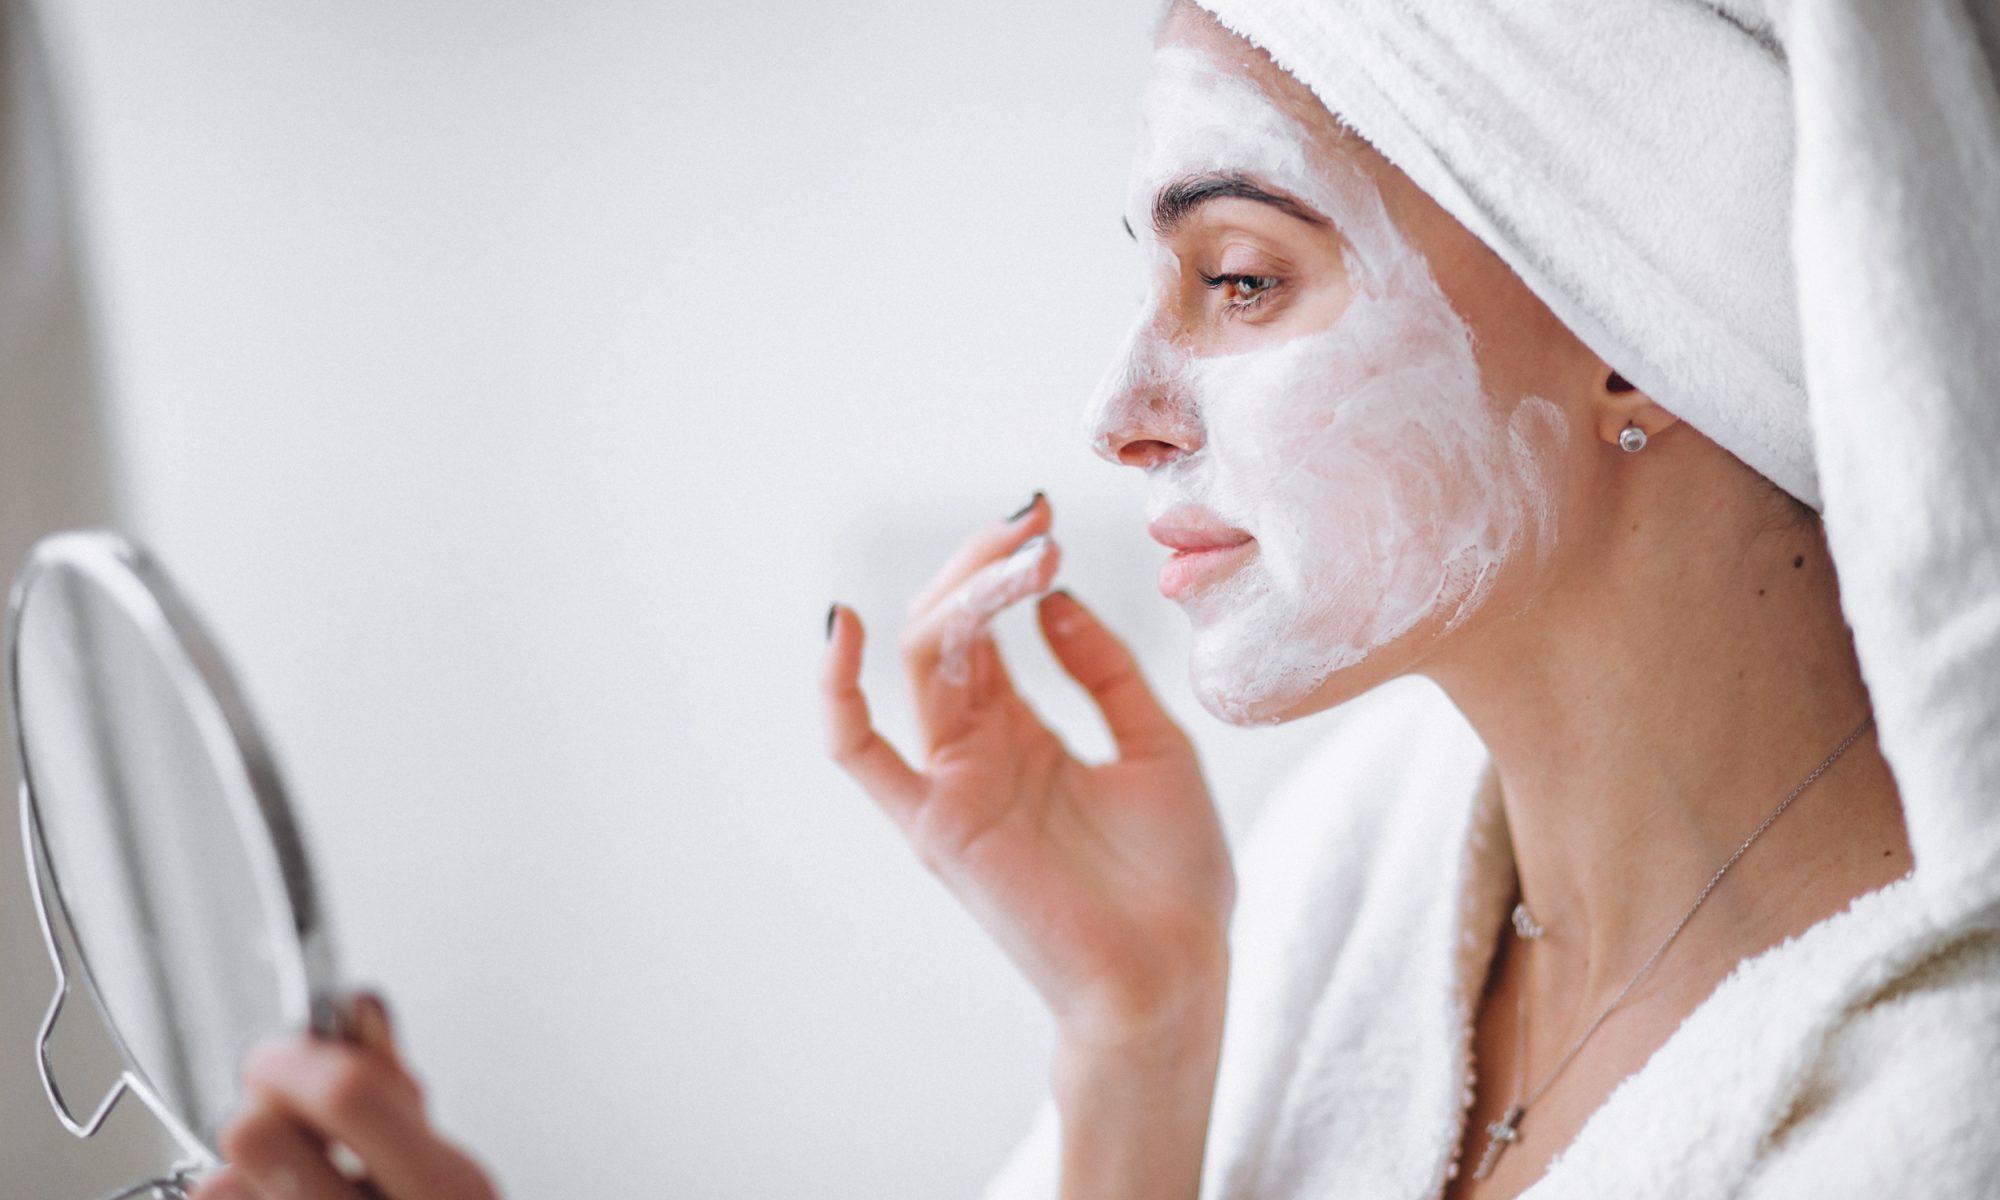 Maschera viso | Elisirdargan.com